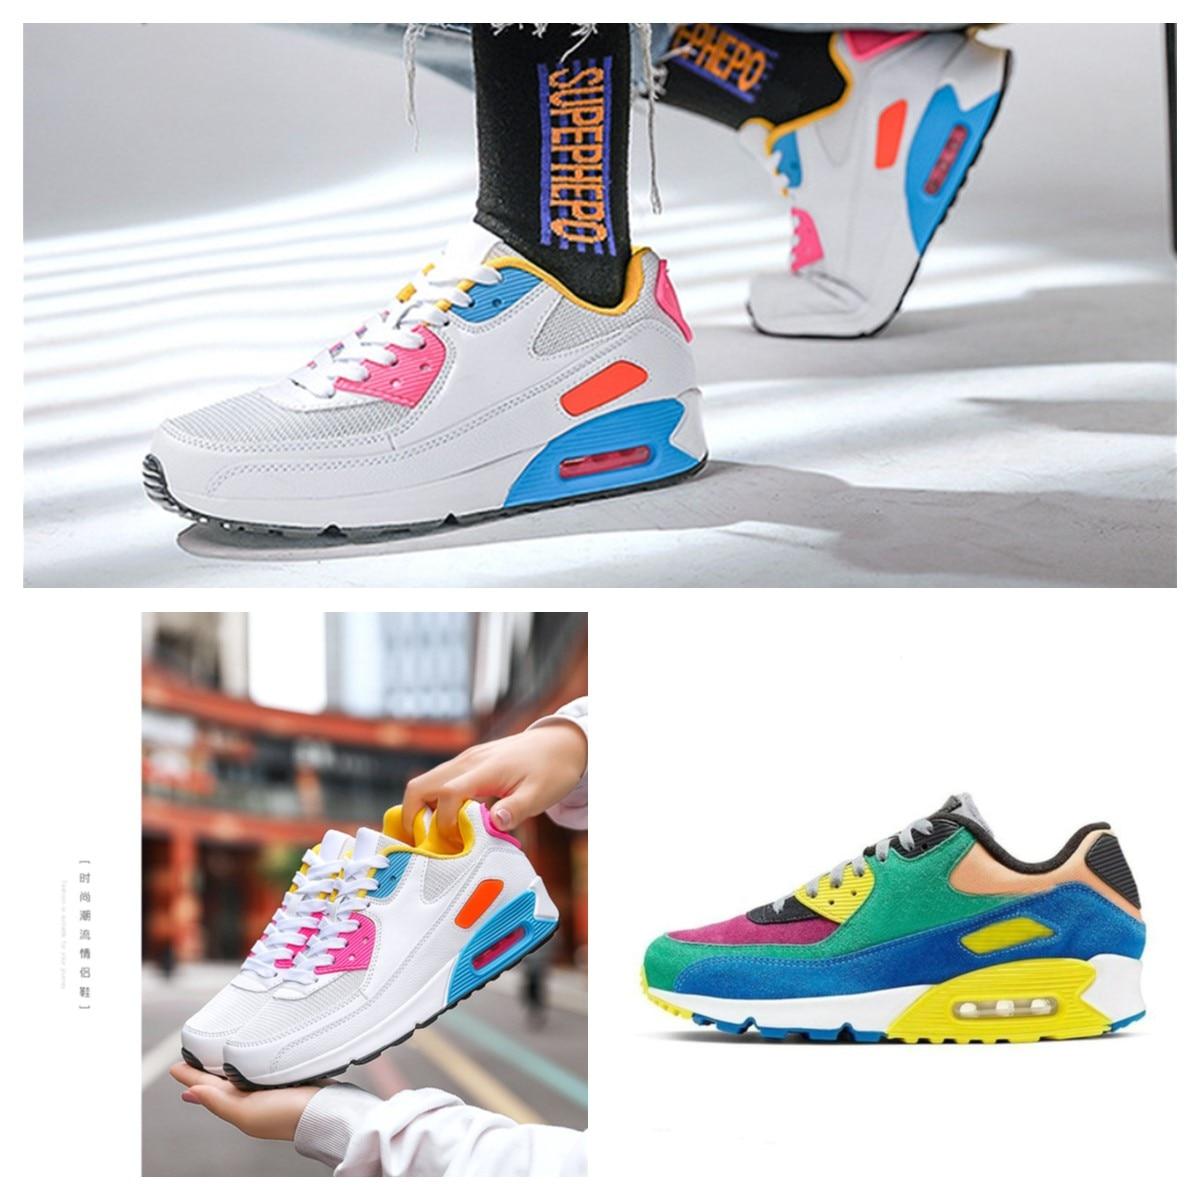 Высококачественные кроссовки с подушками, дышащая Спортивная обувь для улицы, мужские и женские кроссовки, спортивная обувь для тренажерного зала